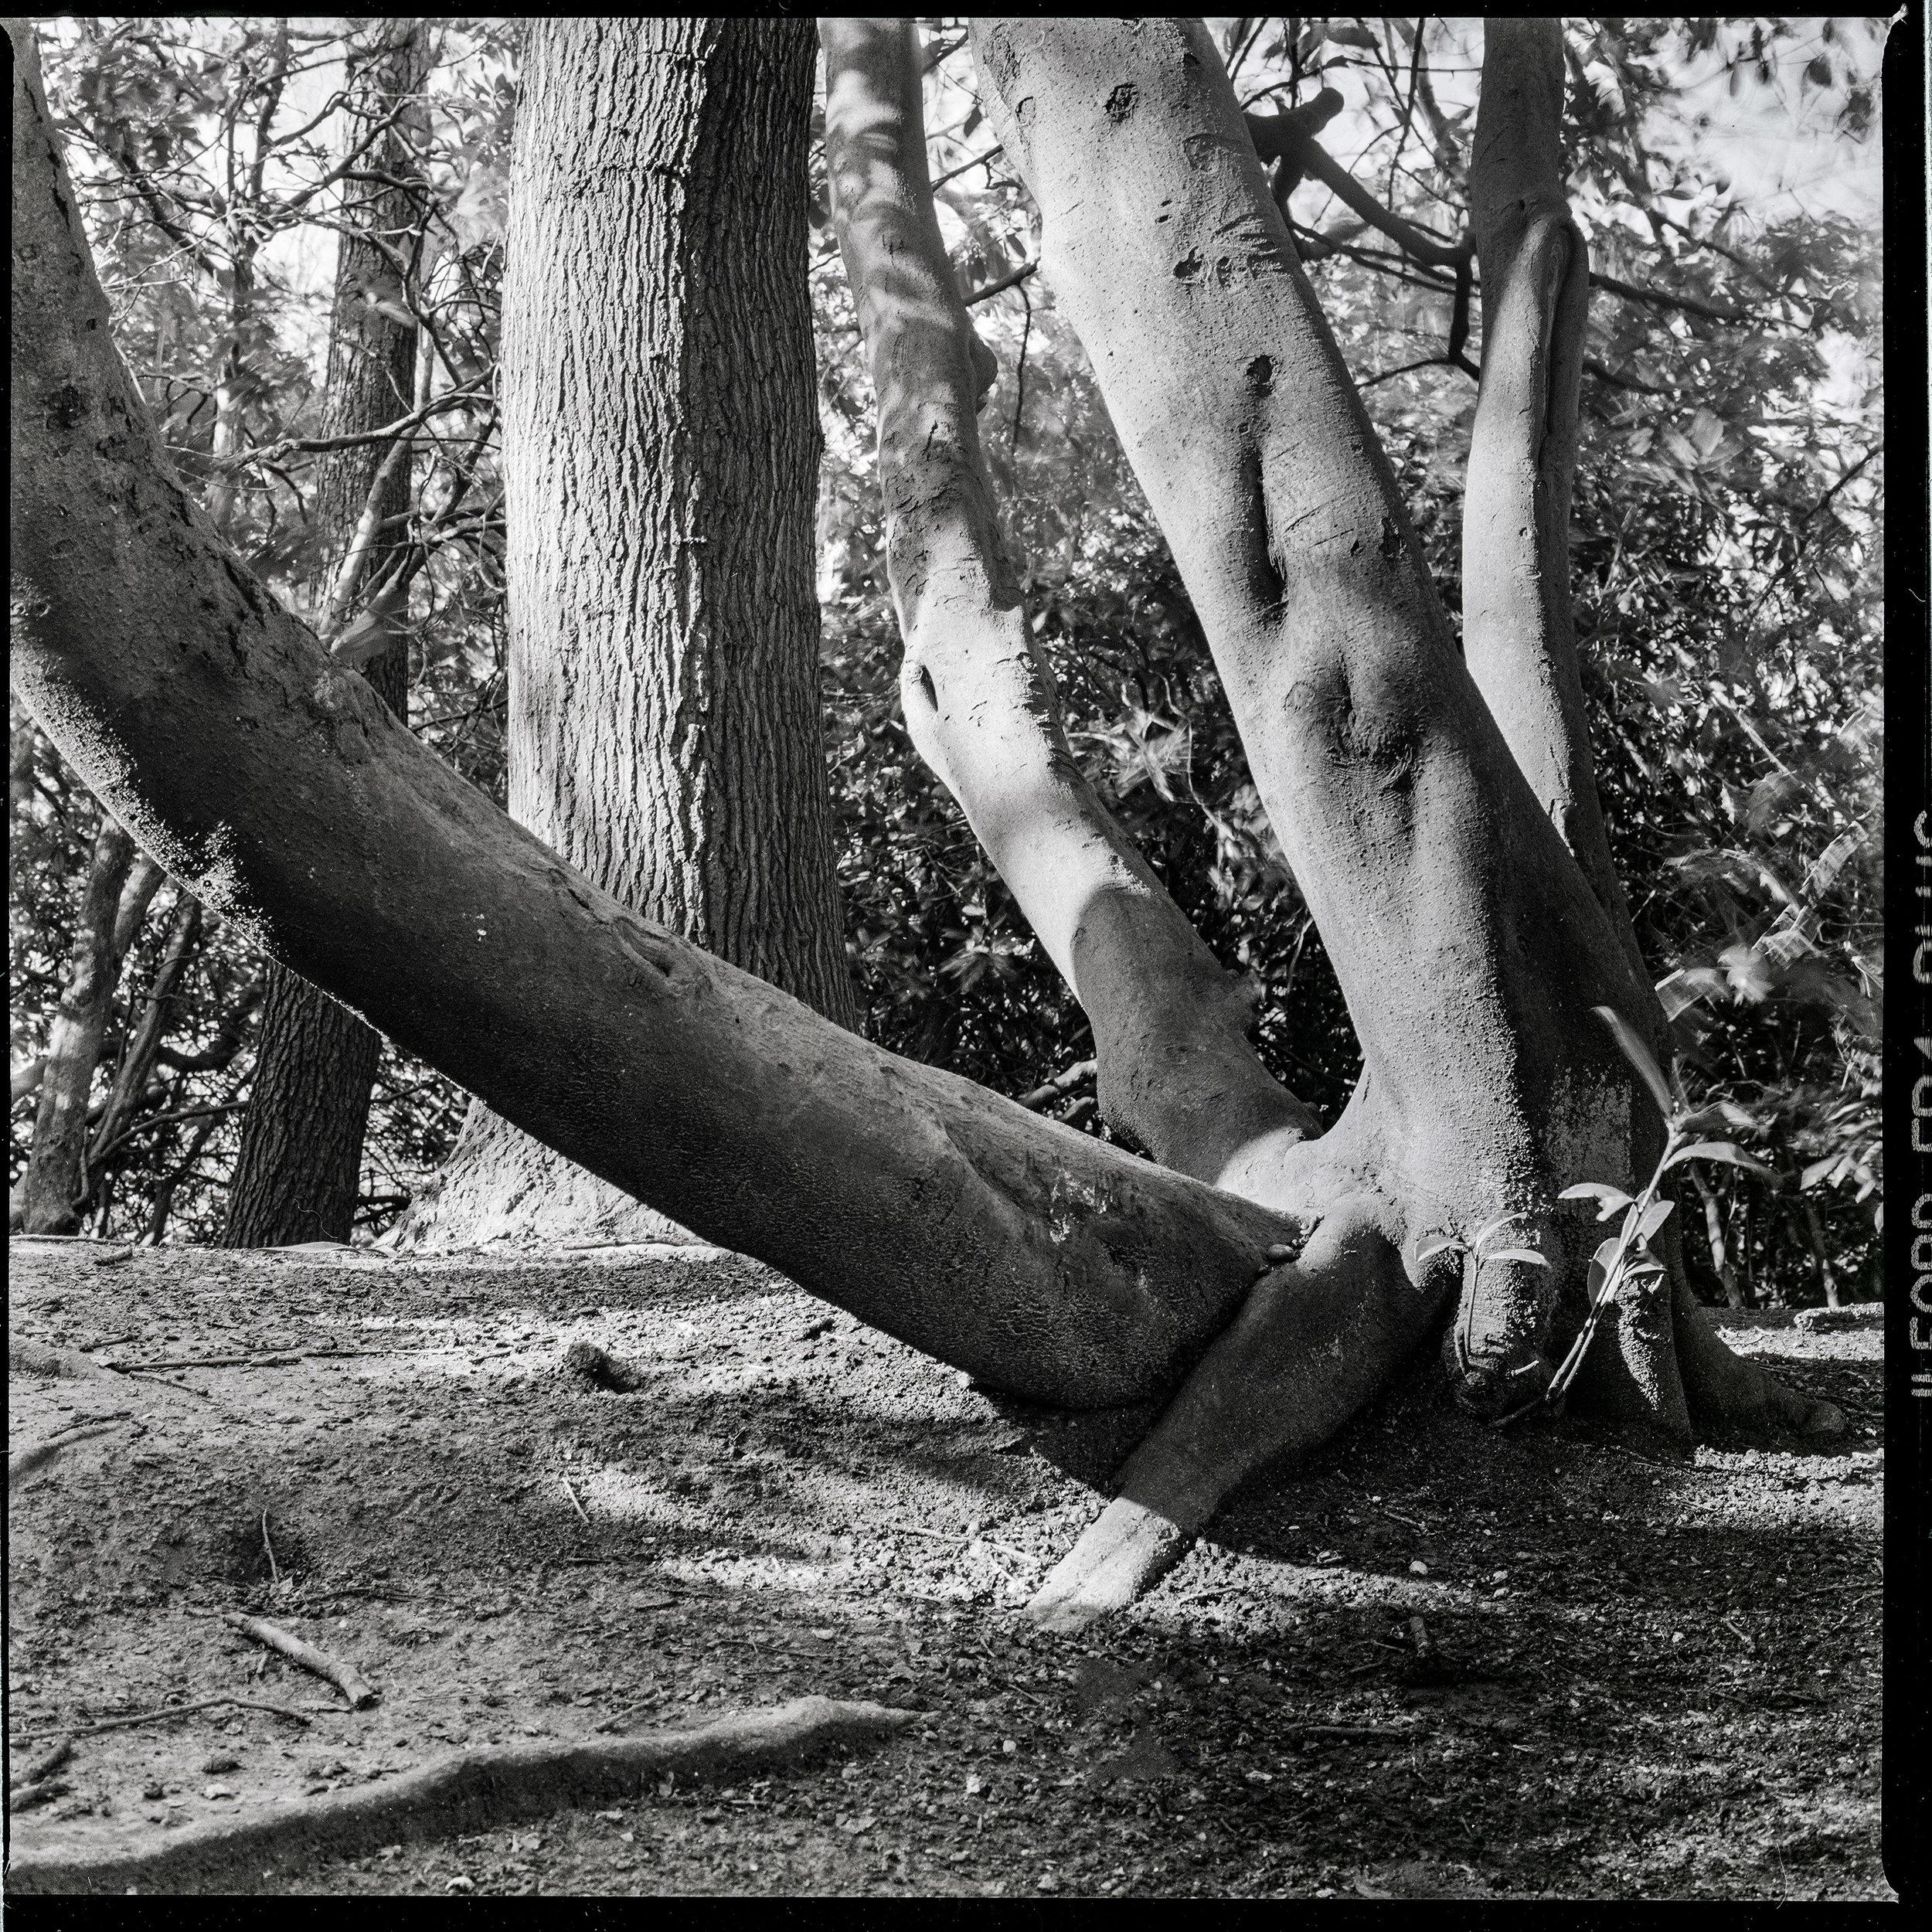 Woods, 2015